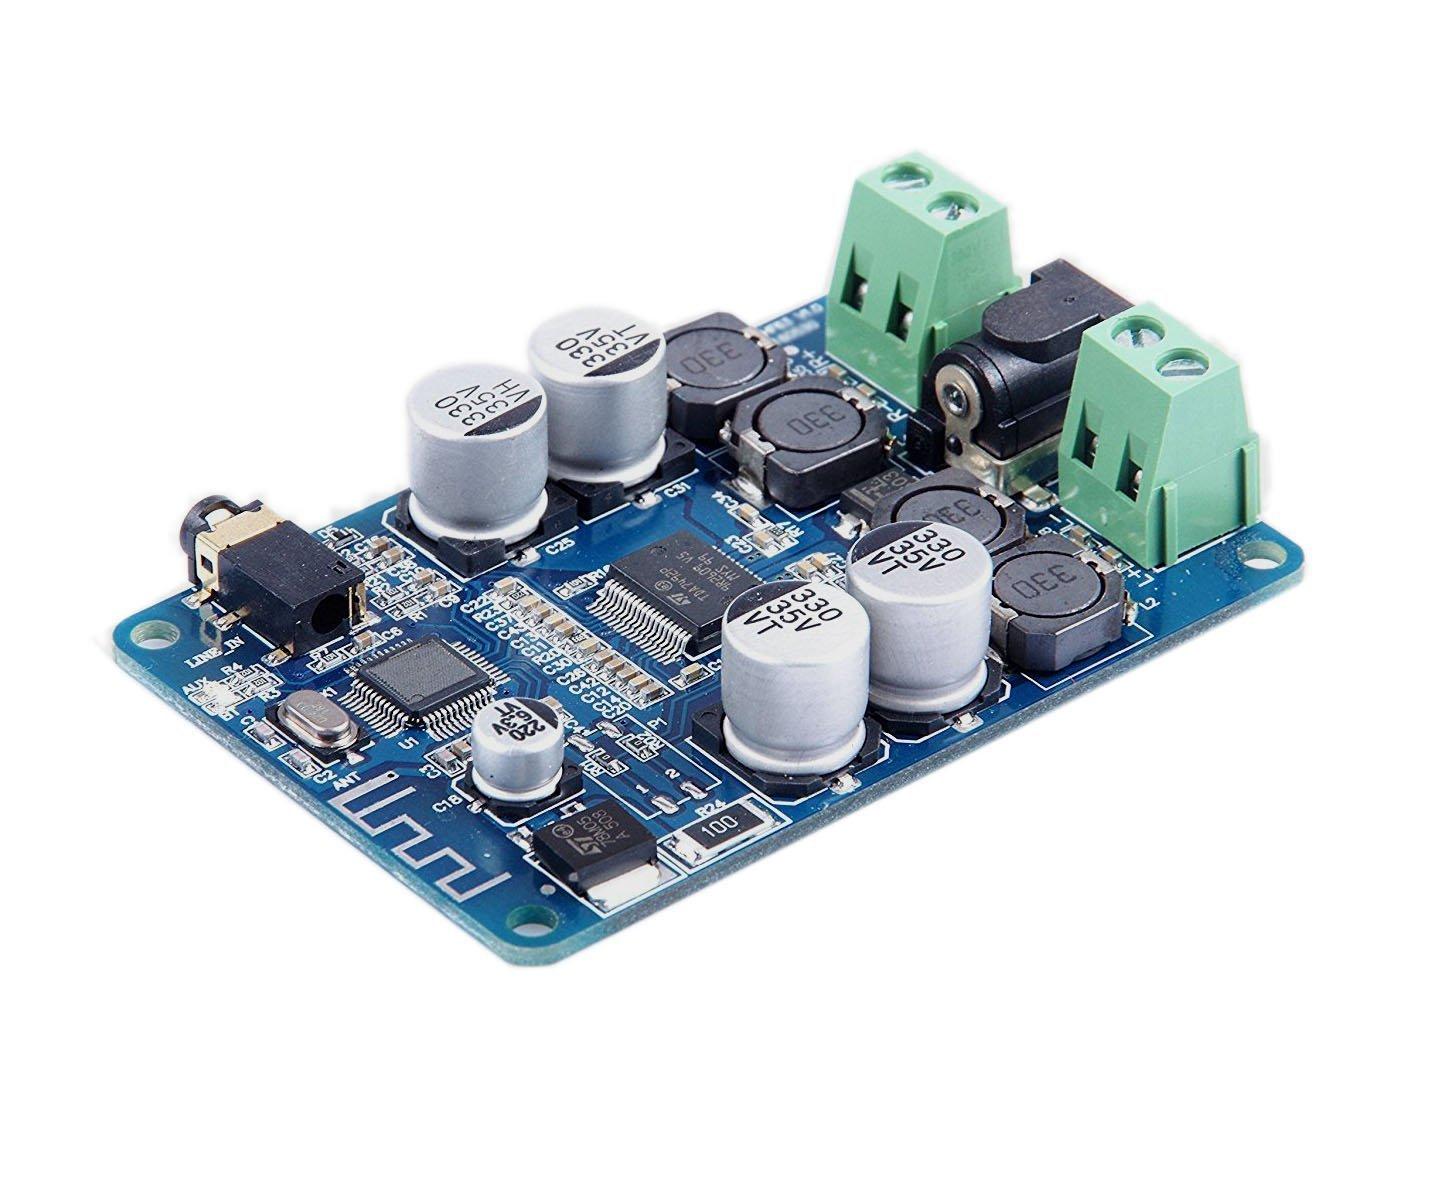 25 W st/ér/éo Bluetooth audio r/écepteur num/érique amplificateur de puissance conseil ARCELI Bluetooth CSR4.0 amplificateur de puissance carte puce TDA7492P 25 W